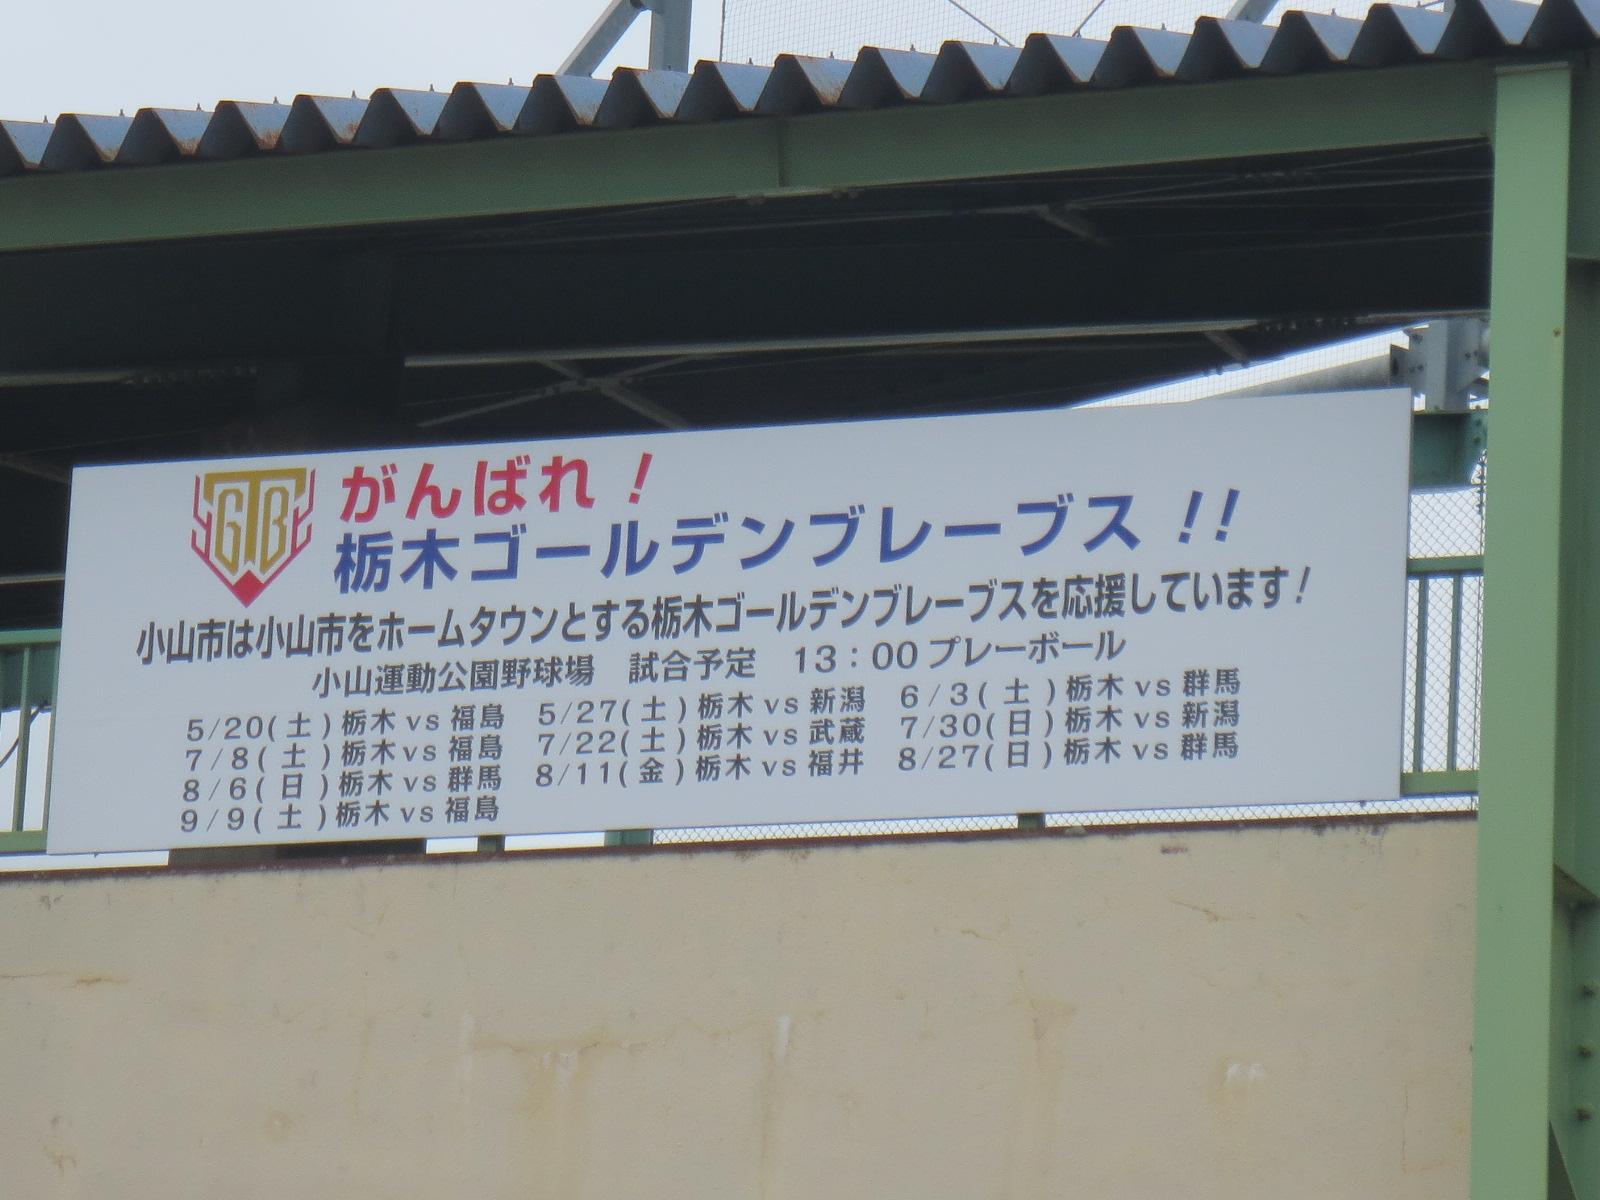 8月6日小山運動公園野球場でカウベルのカップアイスを販売します♪♪